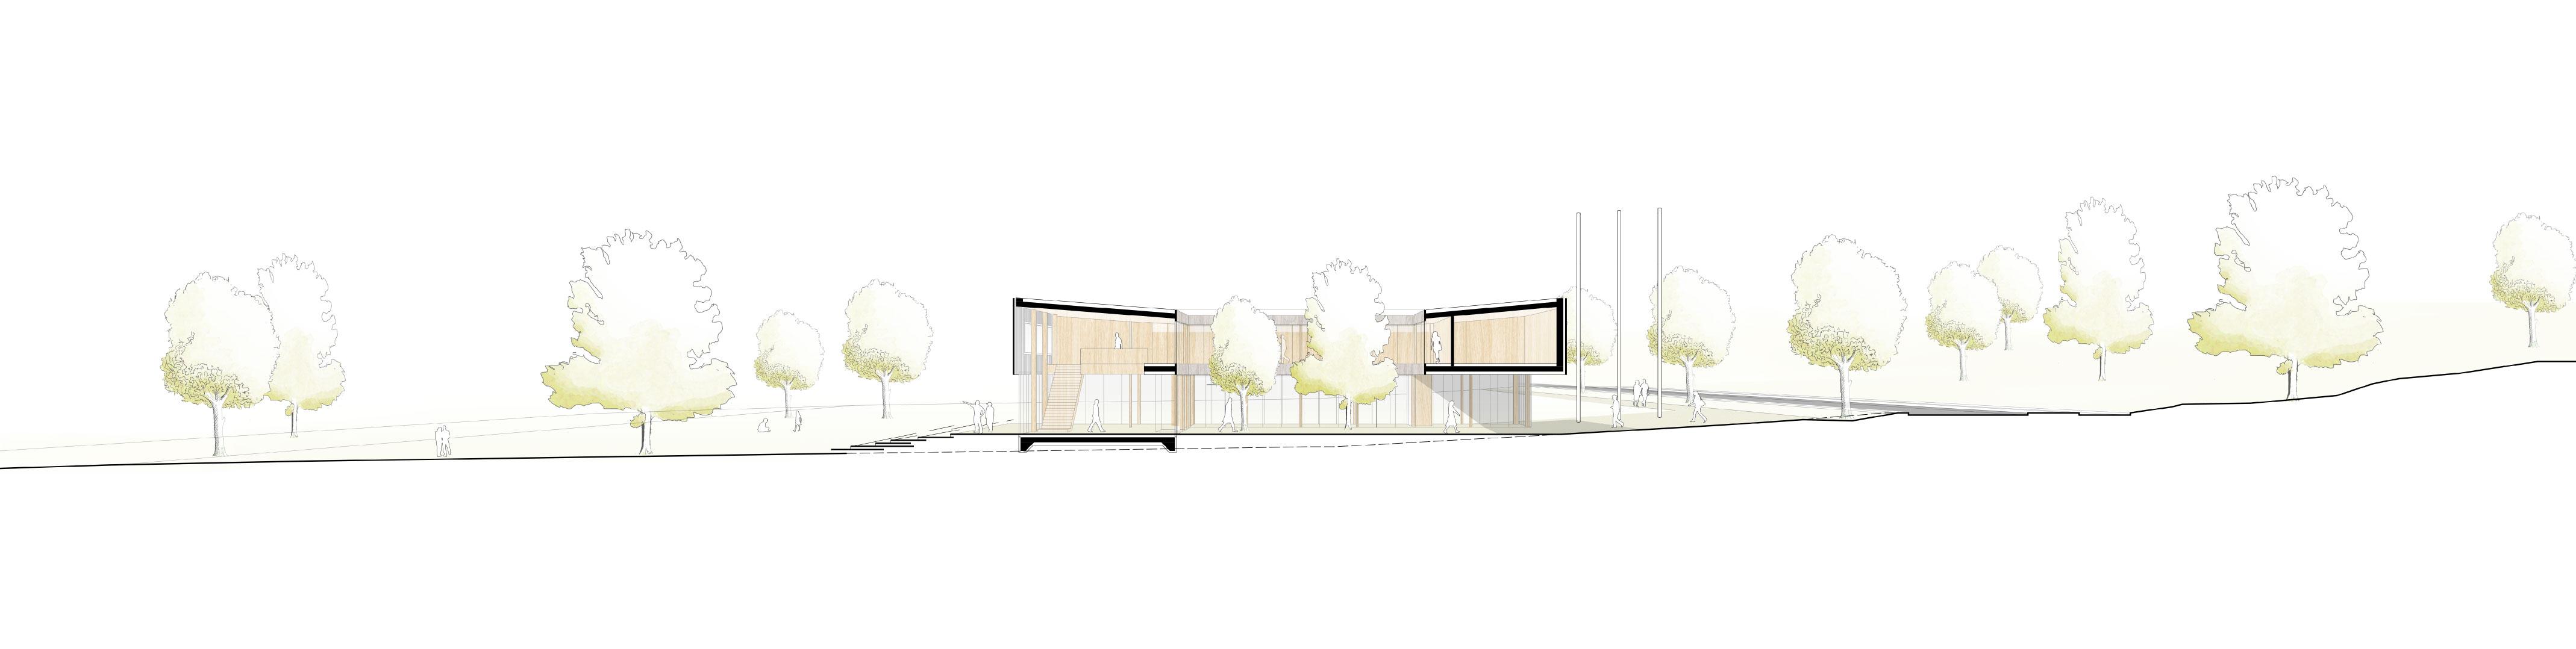 STUDIOKUBIK-KUBIK-architektur-architecture-berlin-RMP-skizze-schnitt-section